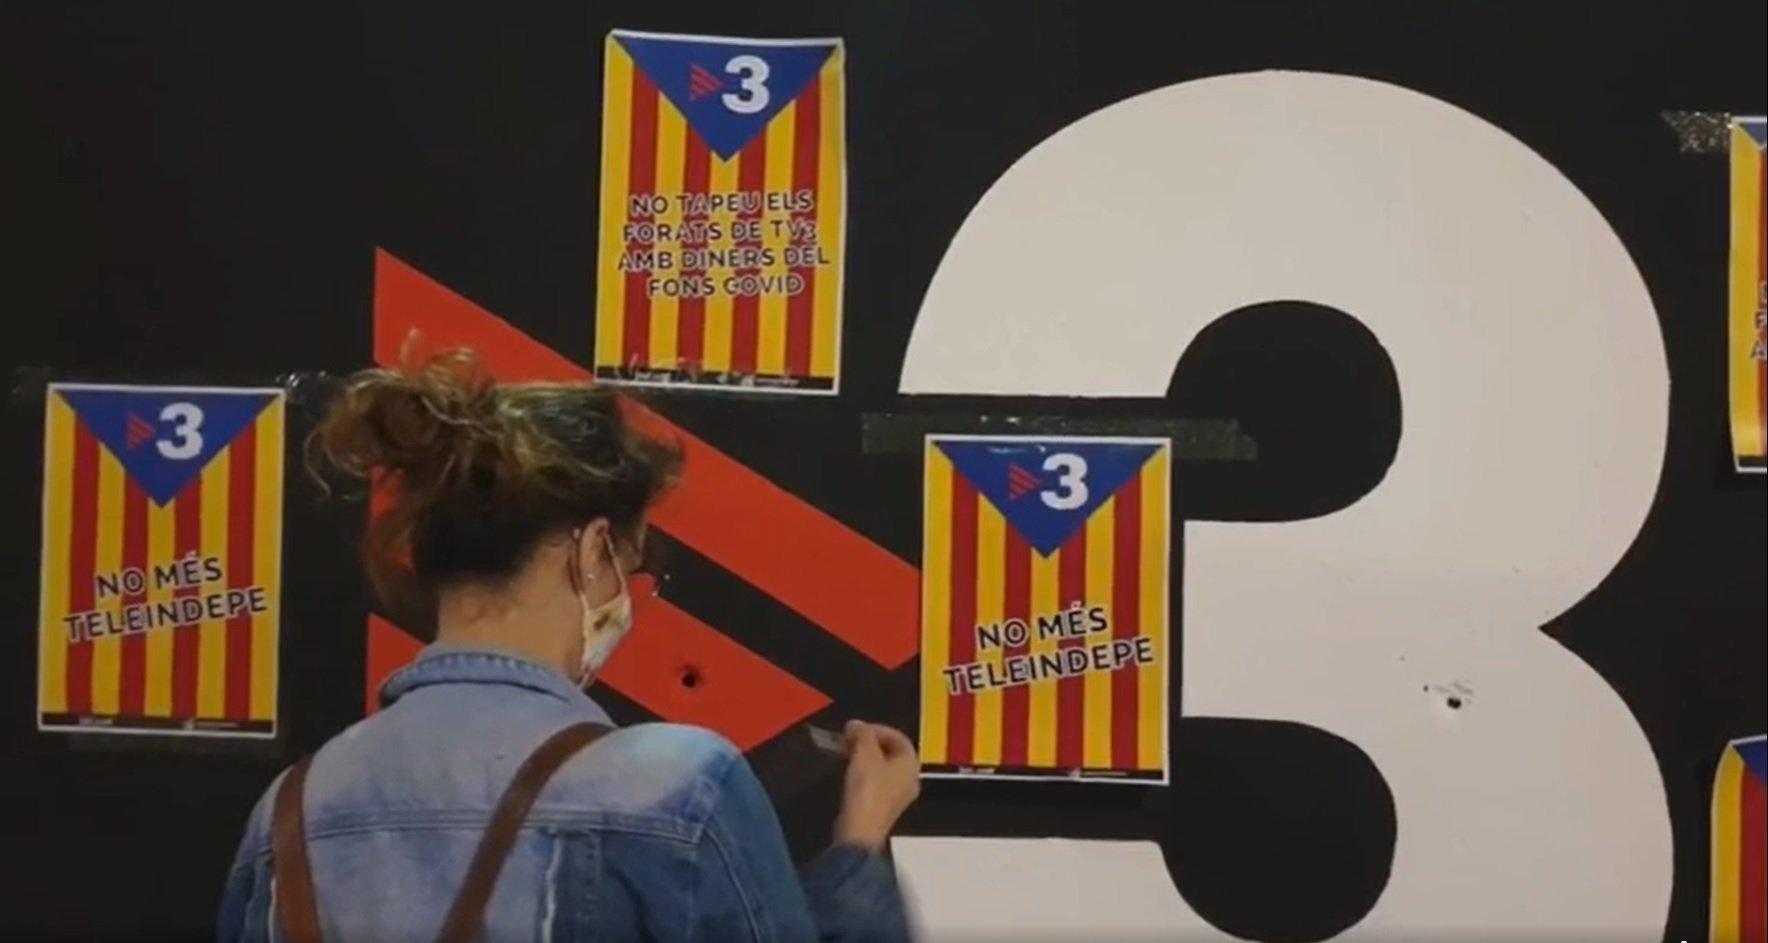 Una joven empapela TV3 con carteles contra su partidismo independen